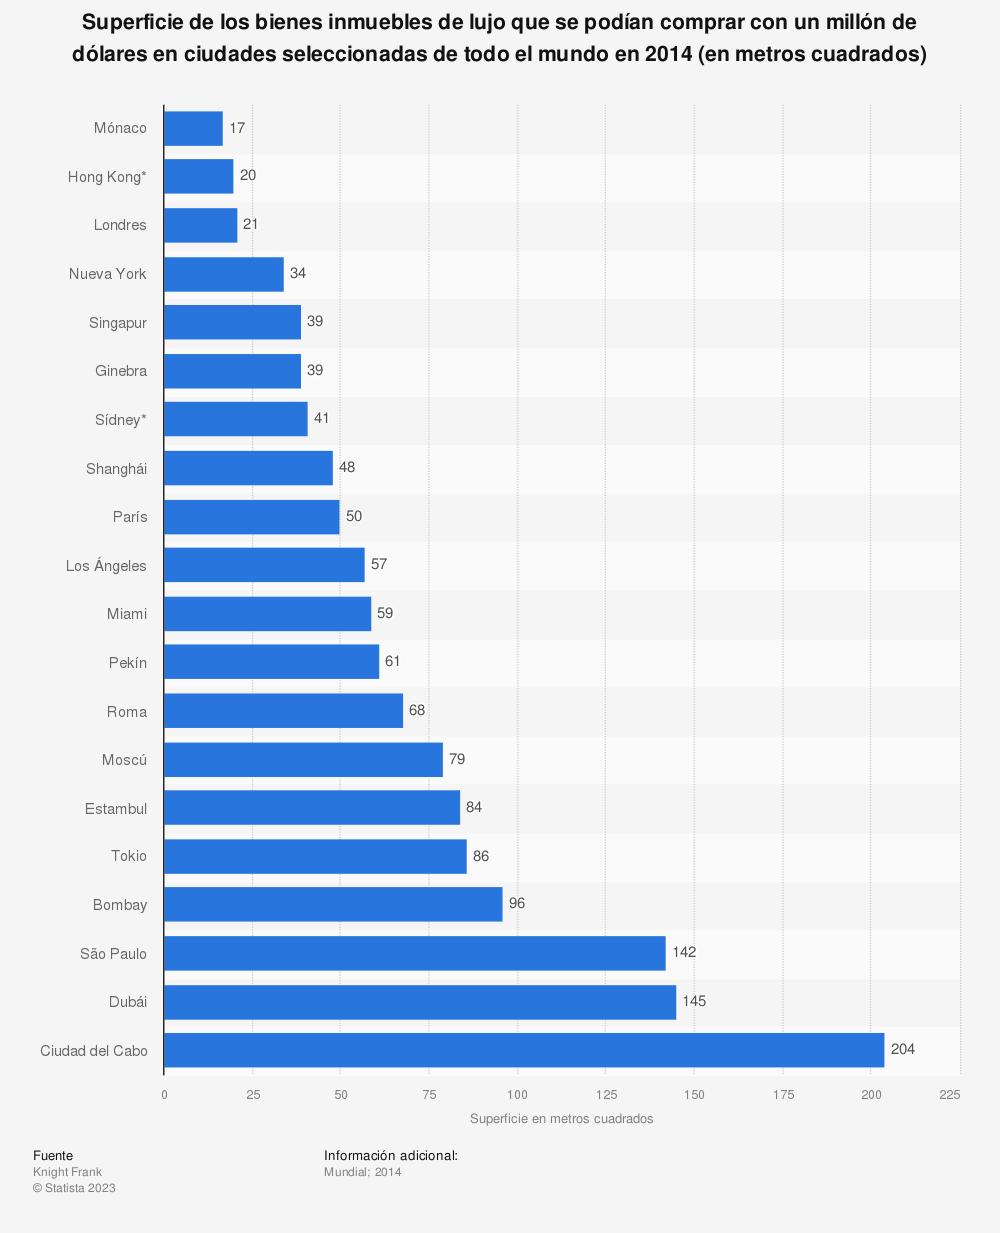 Estadística: Superficie de los bienes inmuebles de lujo que se podían comprar con un millón de dólares en ciudades seleccionadas de todo el mundo en 2014 (en metros cuadrados) | Statista